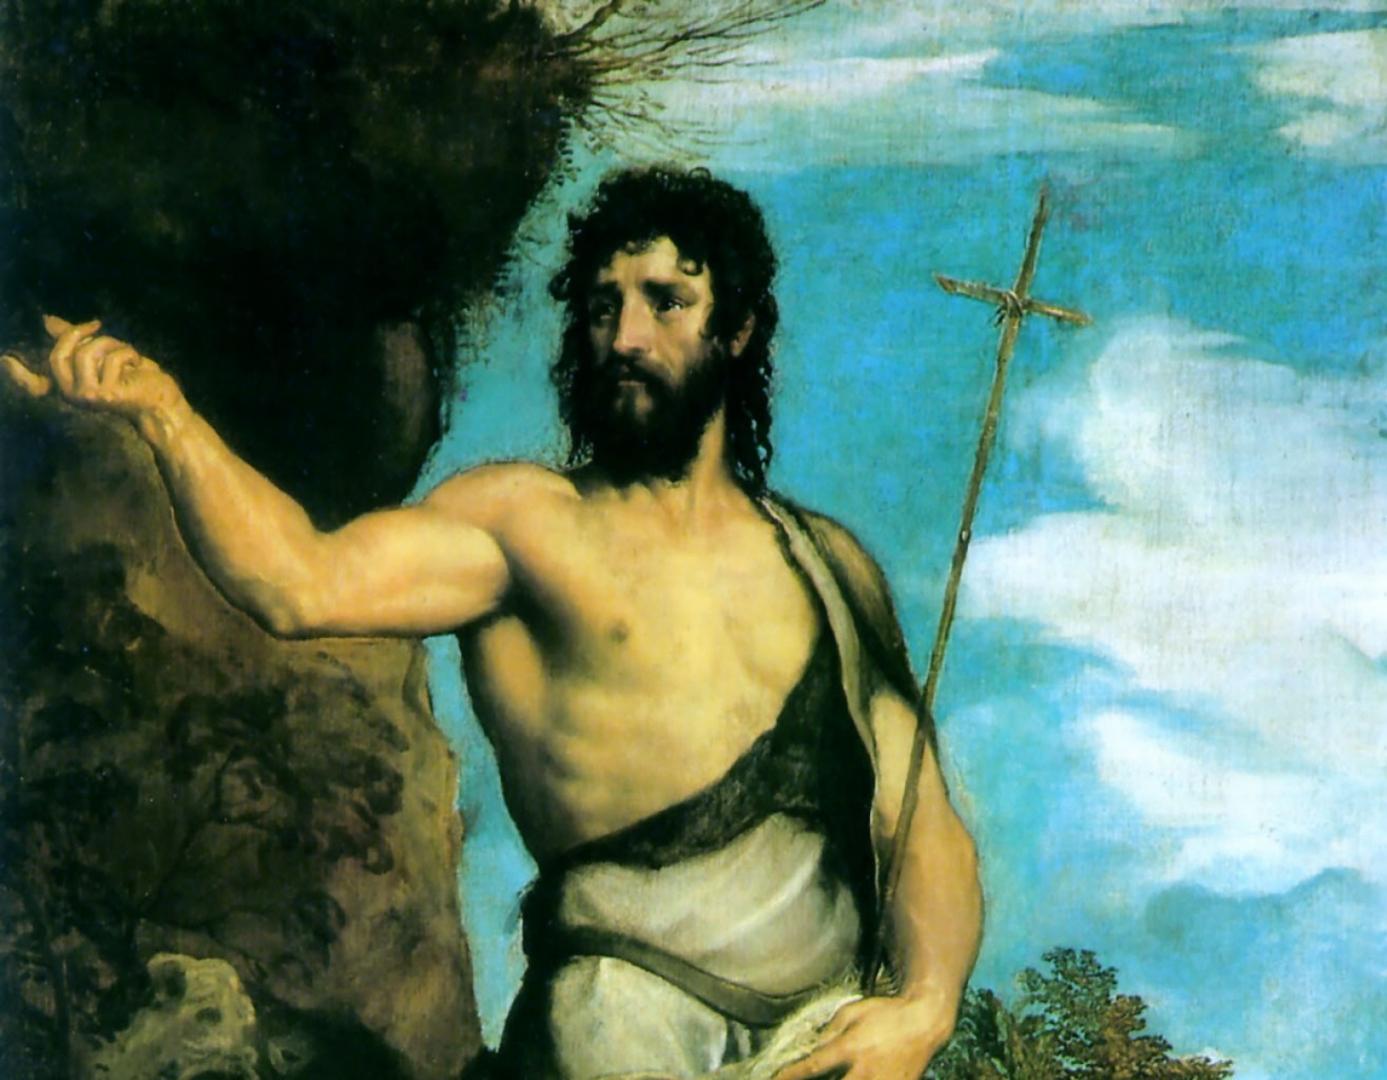 Тициан Вечеллио. Святой Иоанн Креститель (фрагмент). 1542